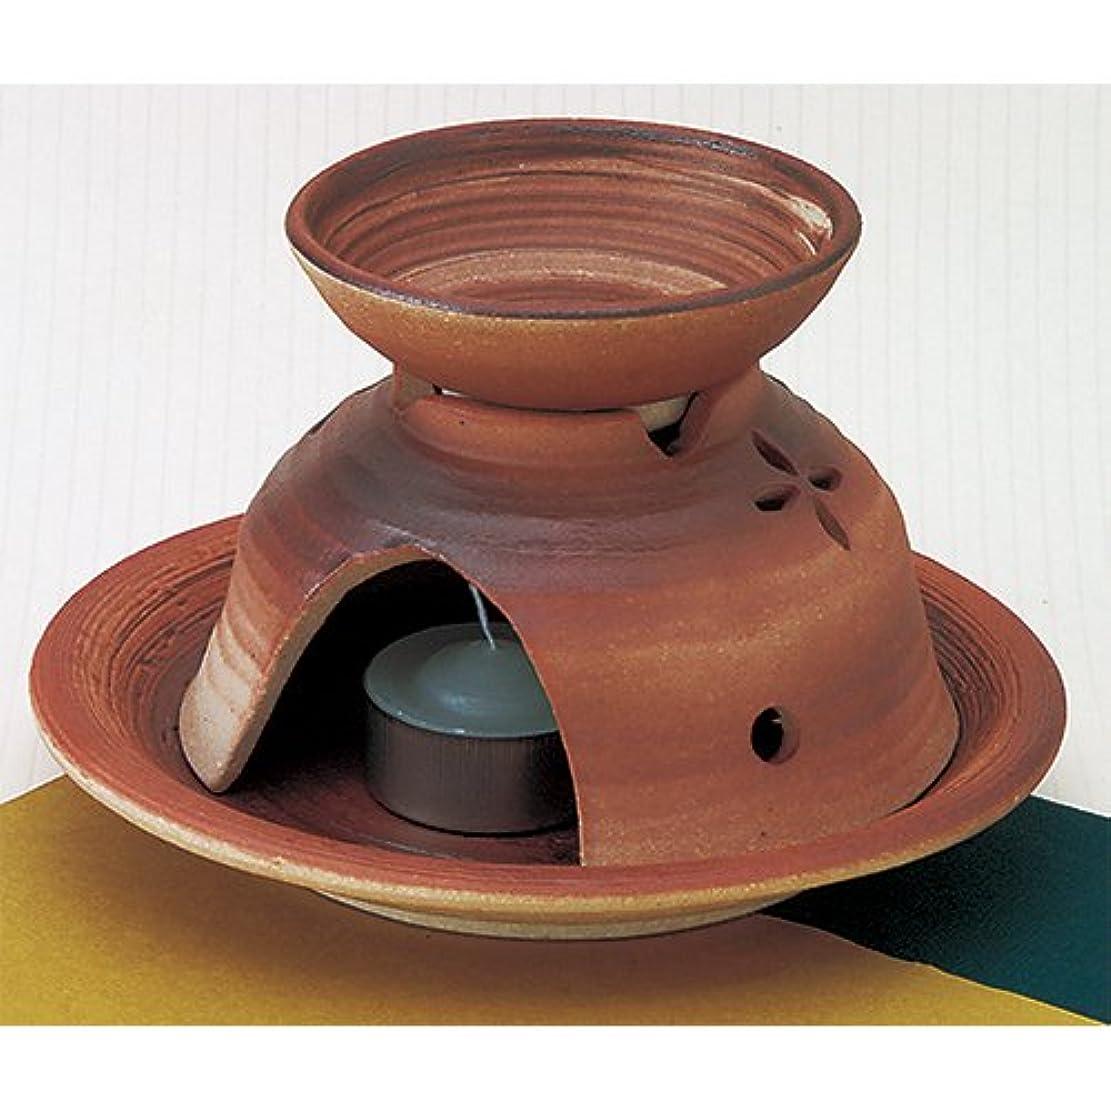 嬉しいです実現可能性杖香炉 花抜き 茶香炉 [R15xH9.5cm] HANDMADE プレゼント ギフト 和食器 かわいい インテリア